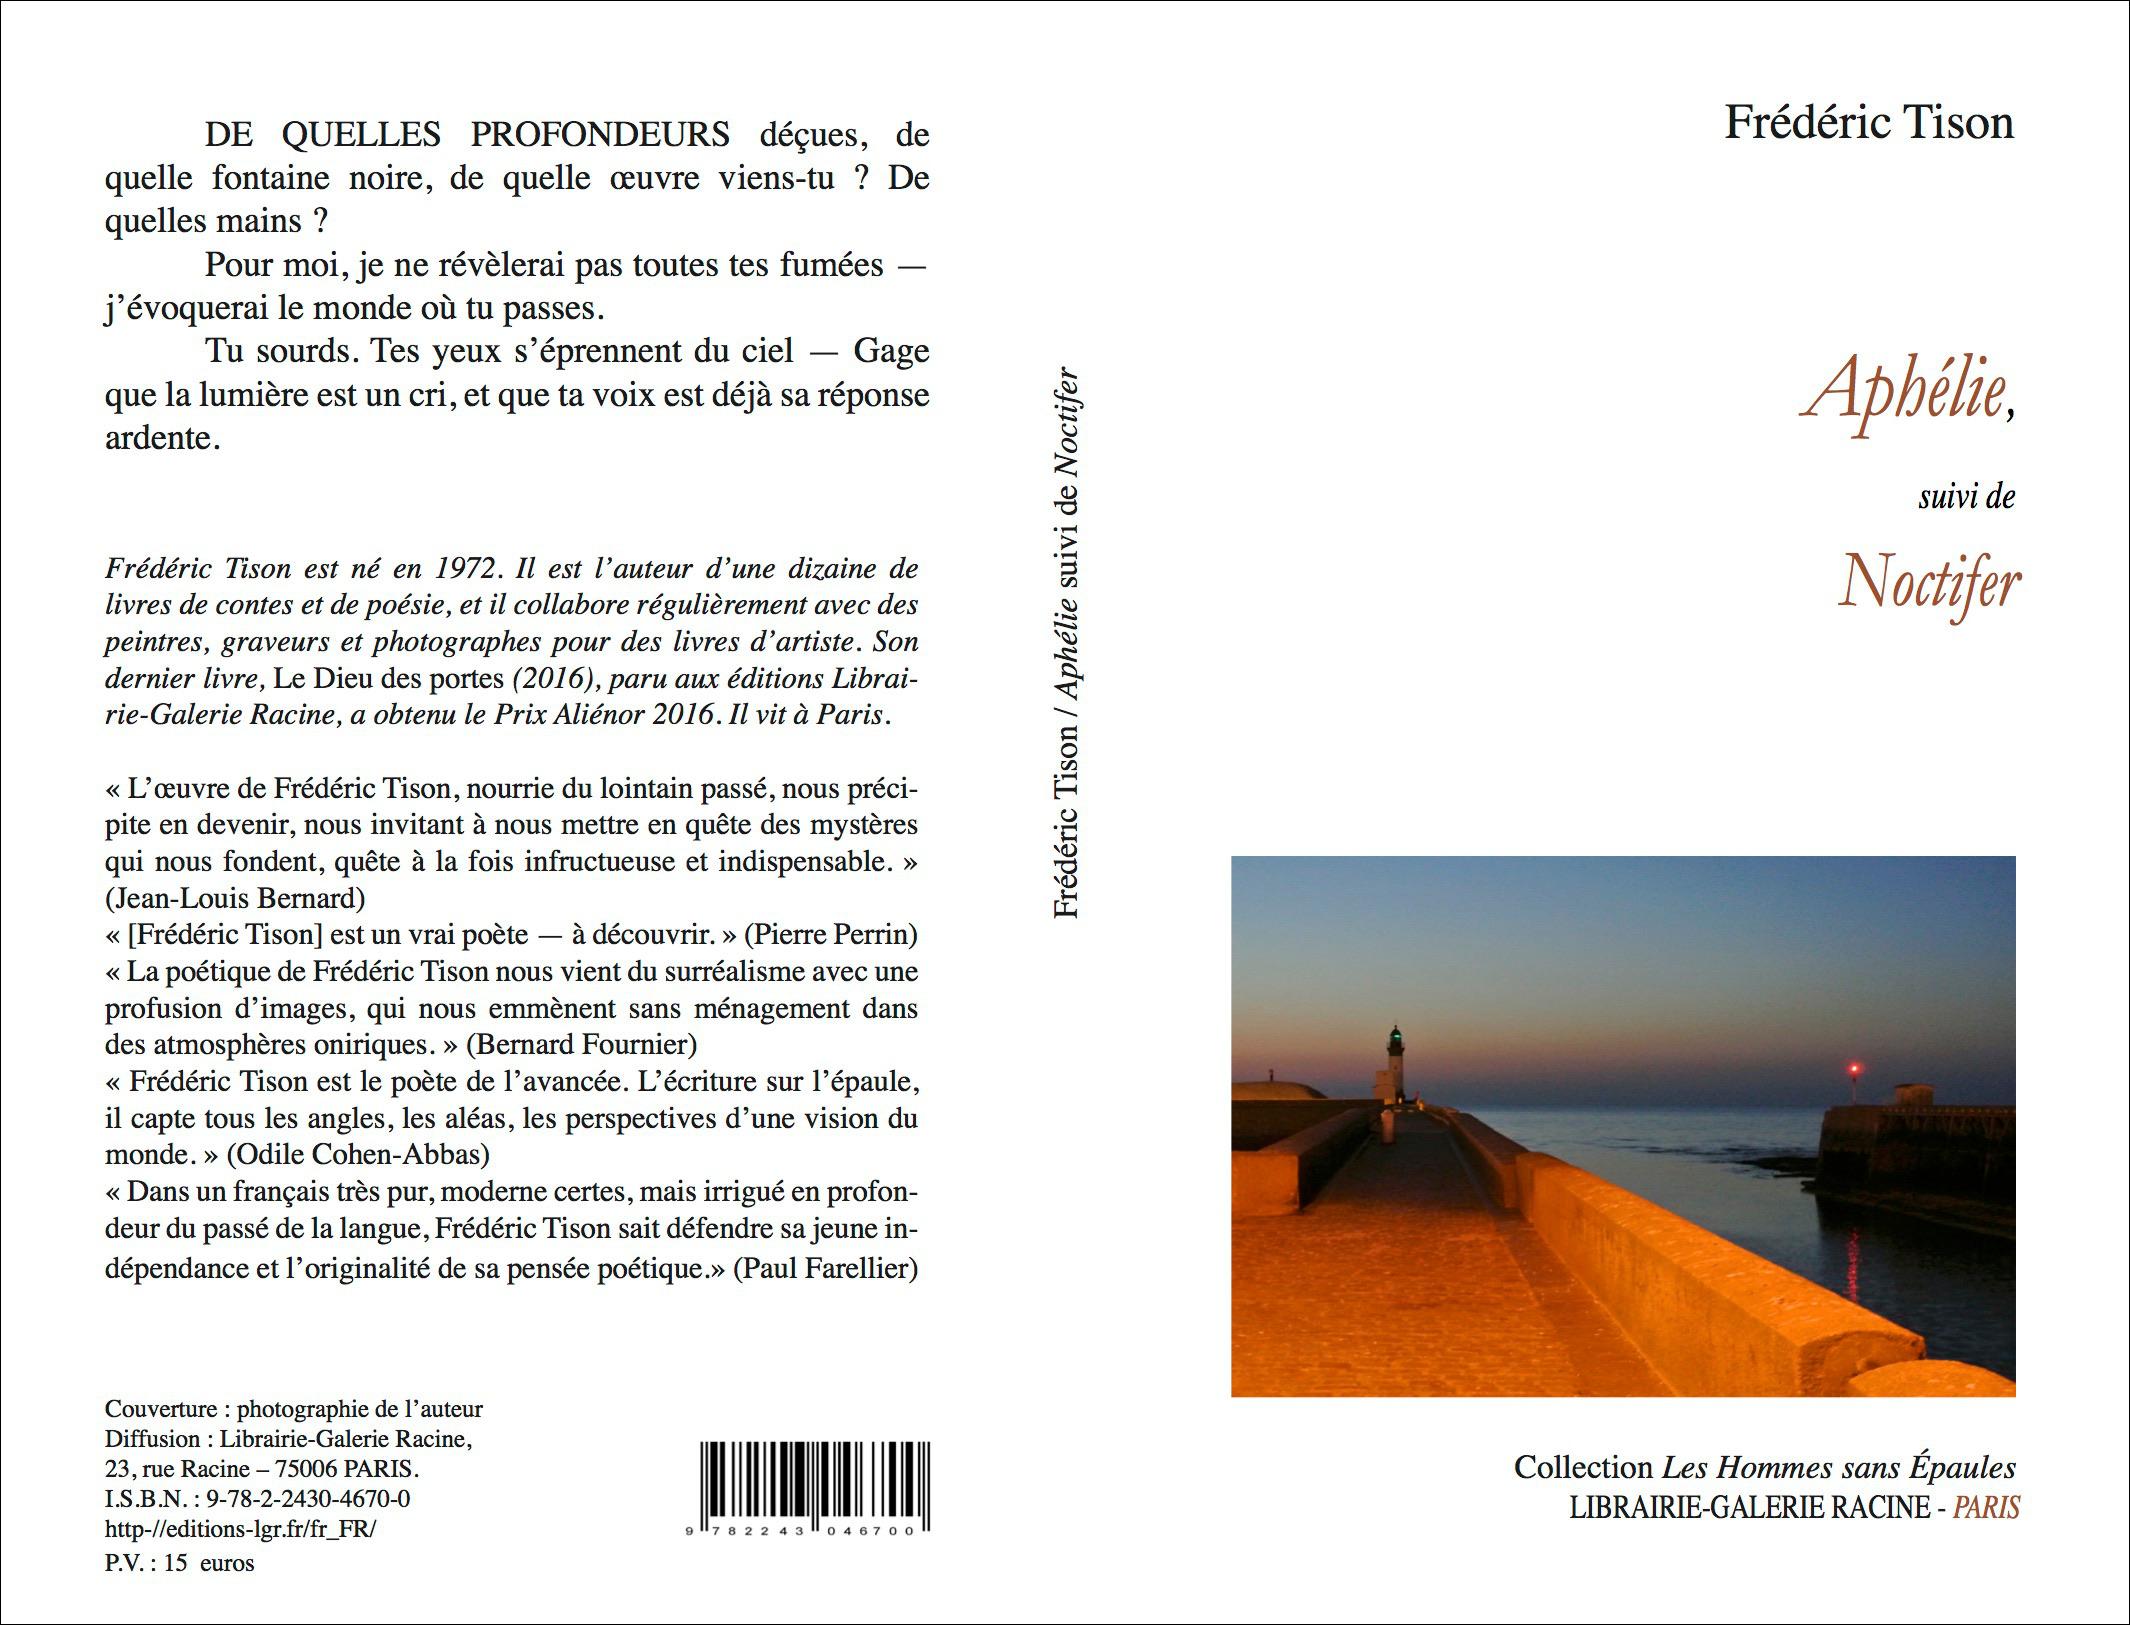 Frederic TISON - Aphélie